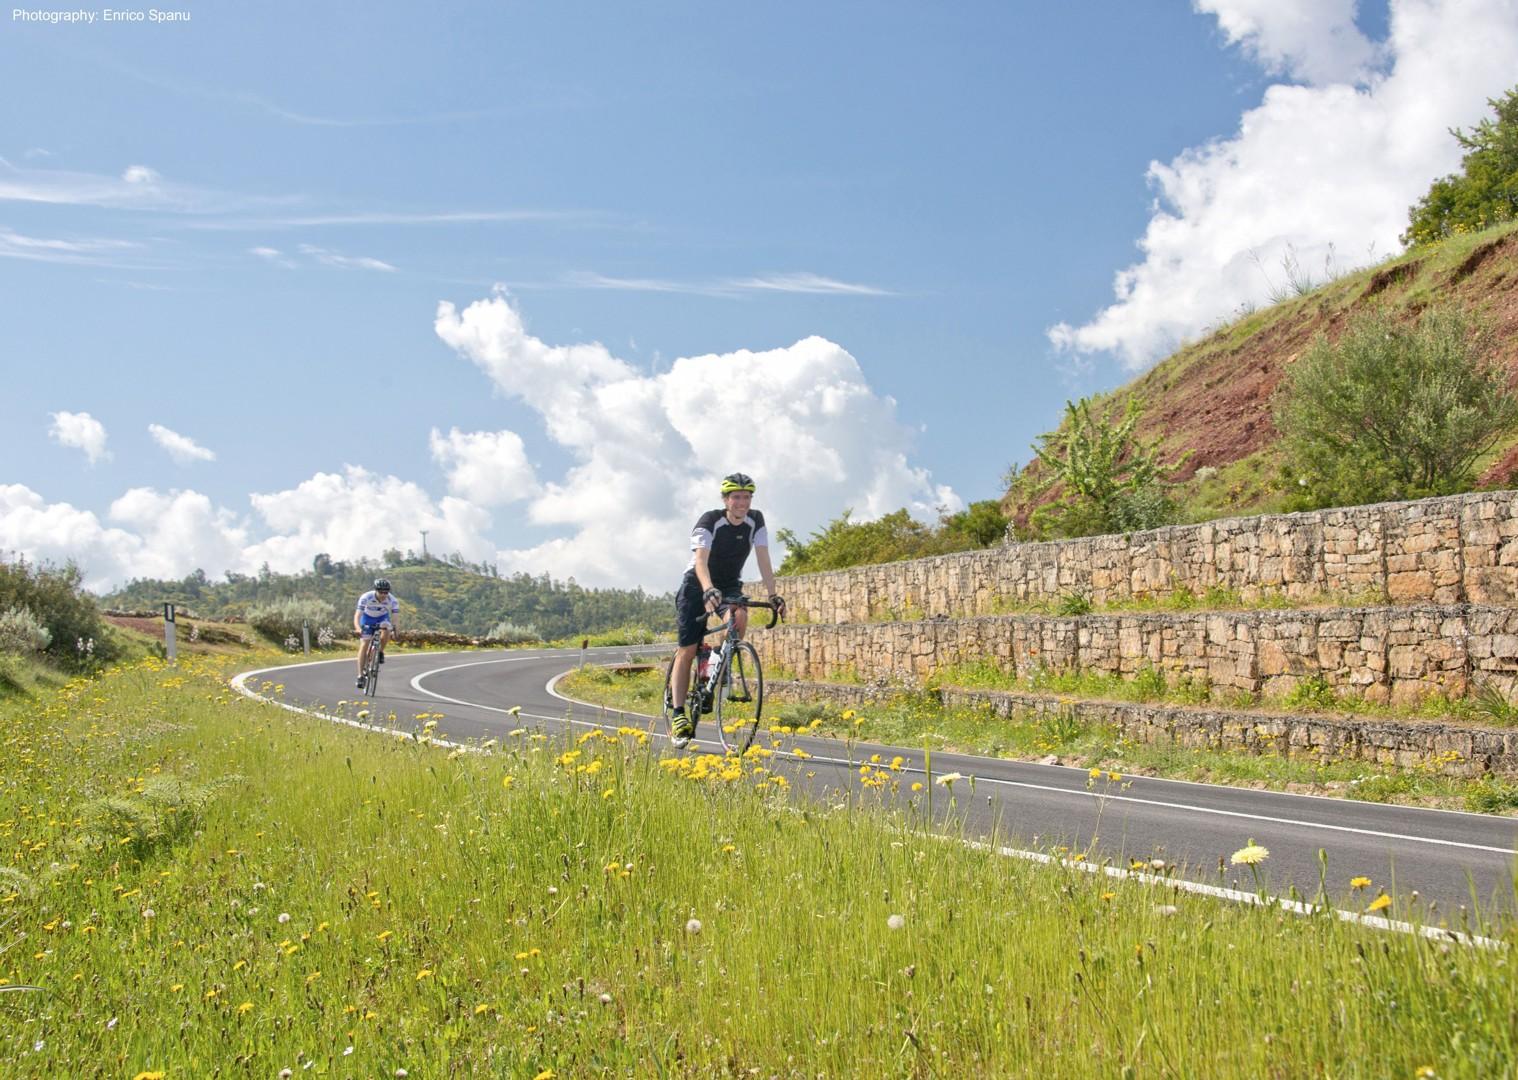 sardiniac2croad3.jpg - Italy - Sardinia - Coast to Coast - Self-Guided Road Cycling Holiday - Italia Road Cycling